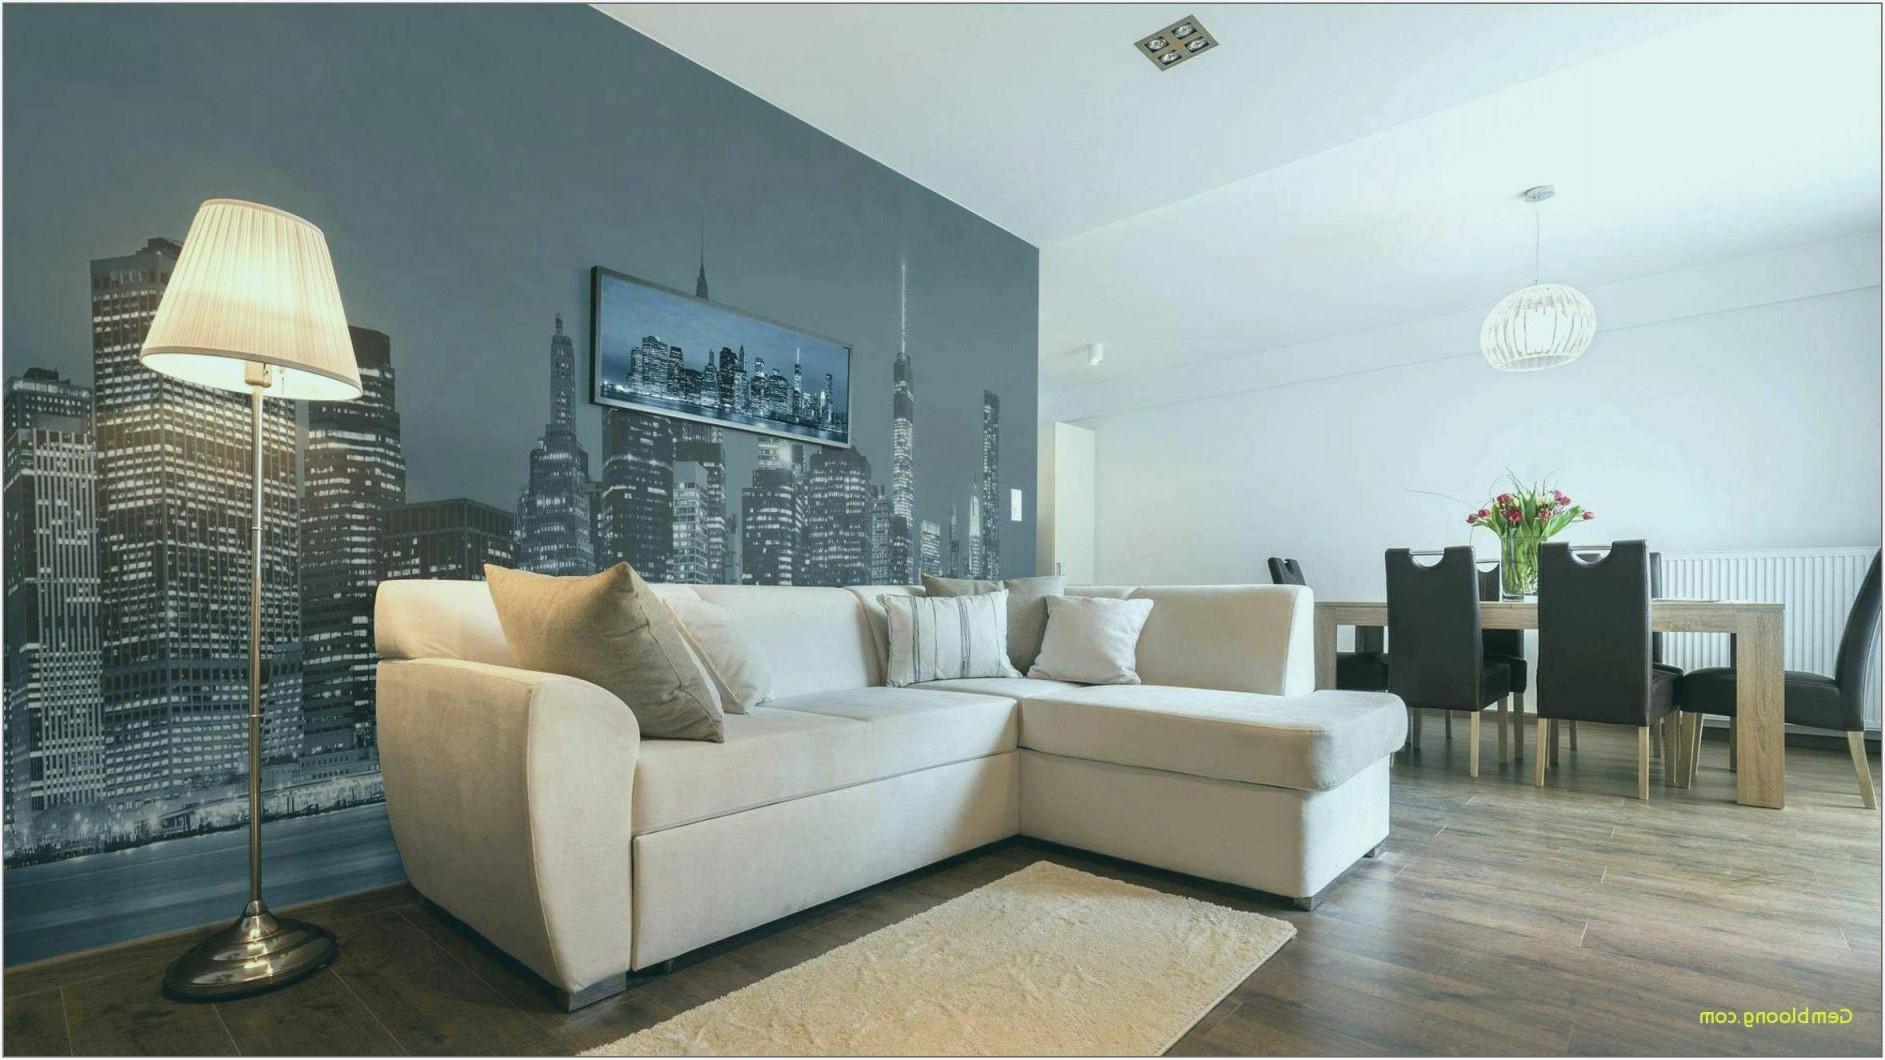 39 Einzigartig Ecke Im Wohnzimmer Dekorieren Luxus von Wohnzimmer Deko Über Couch Photo